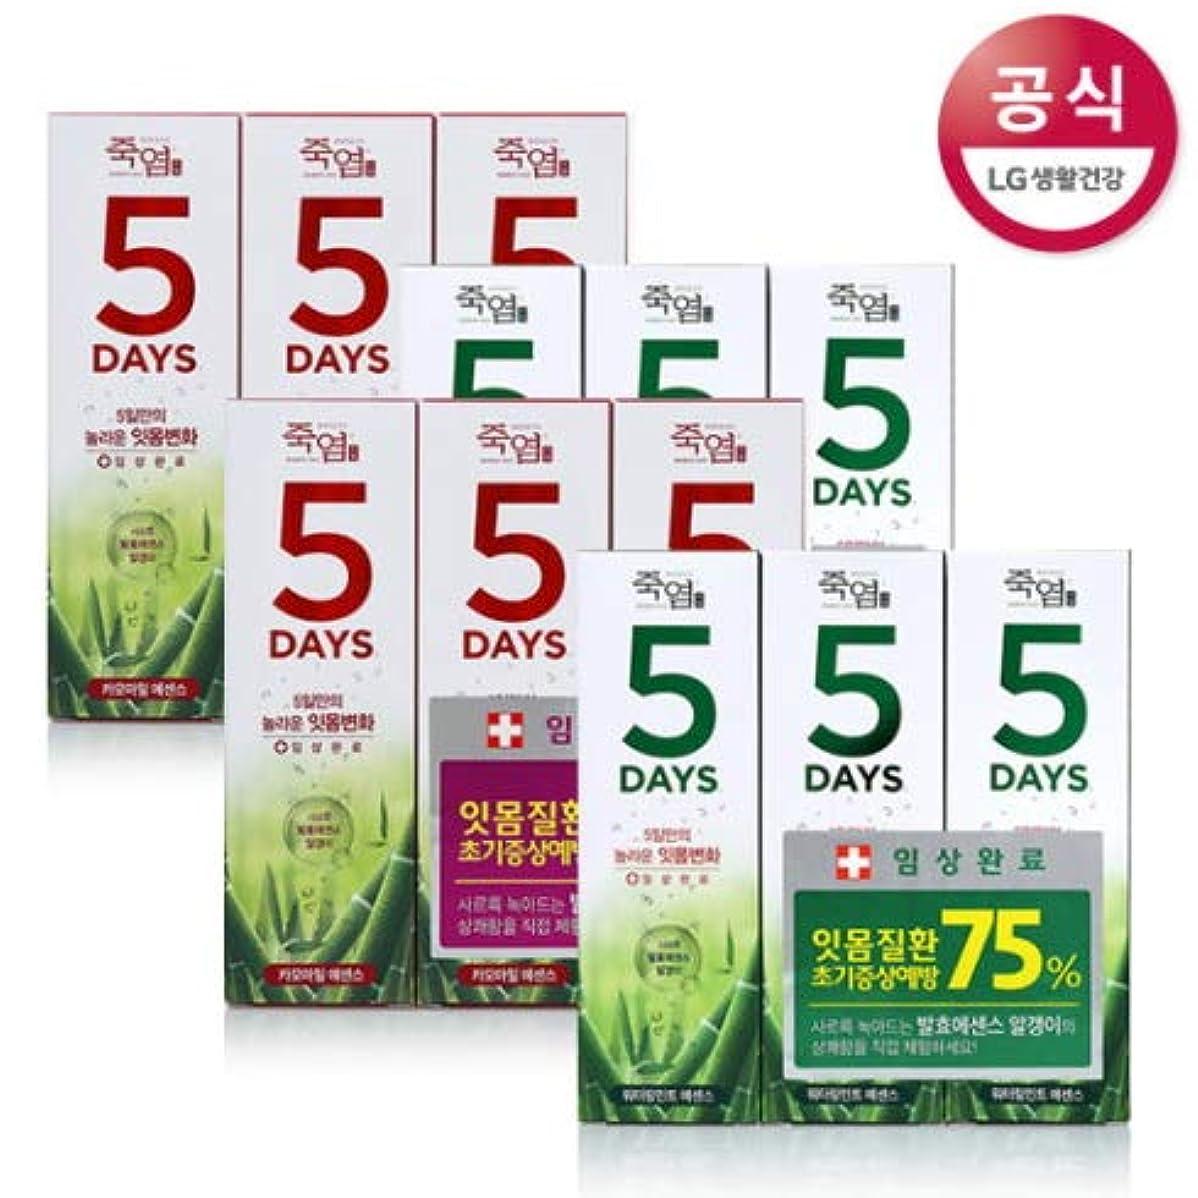 祈りメドレー特別に[LG HnB] Bamboo Salt 5days Toothpaste /竹塩5days歯磨き粉 100gx12個(海外直送品)